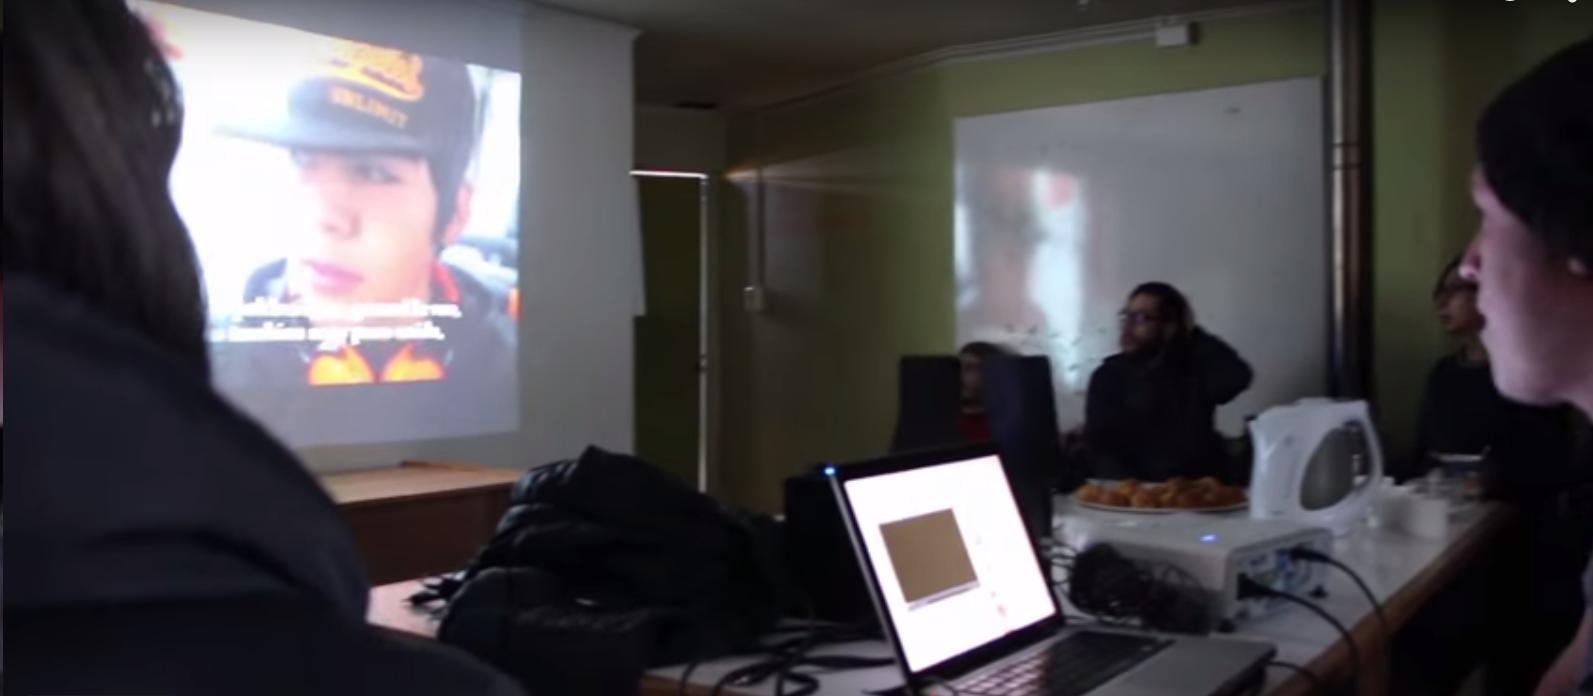 Serpaj Aysén y MIRADOC Coyhaique propiciaron Taller sobre Educación Popular y Cine